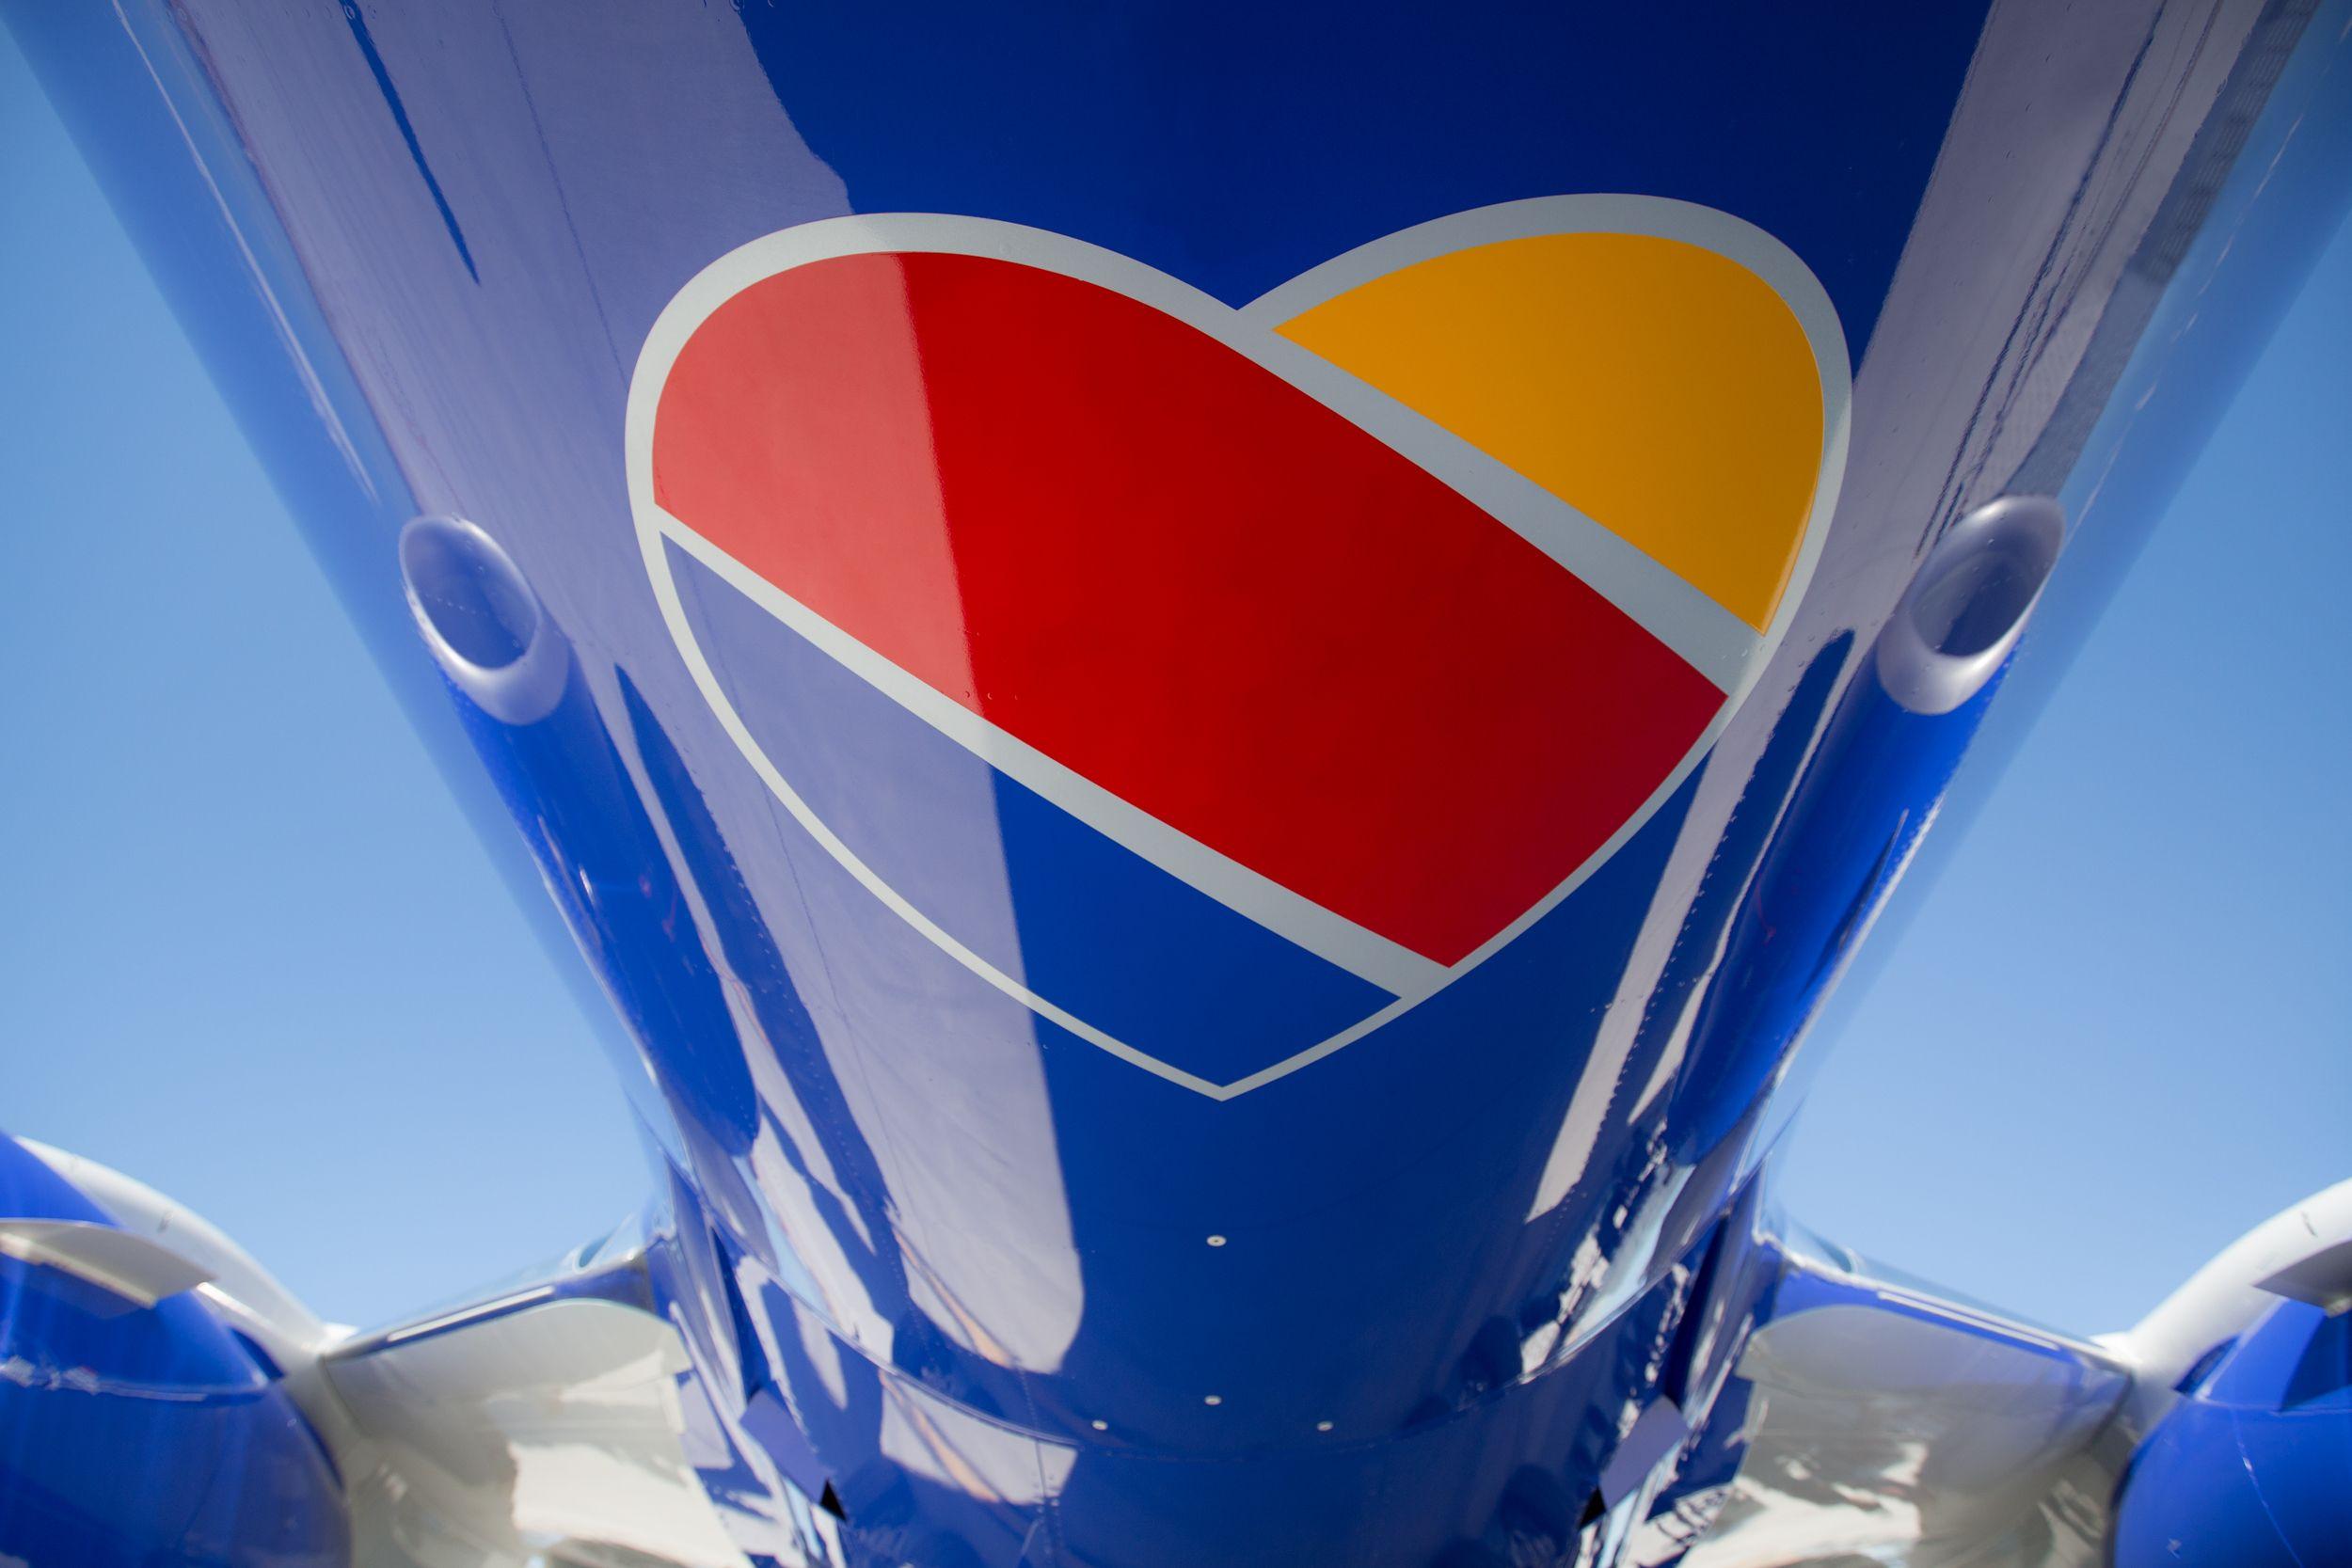 Image Credit -  Stephen M. Keller / Southwest Airlines